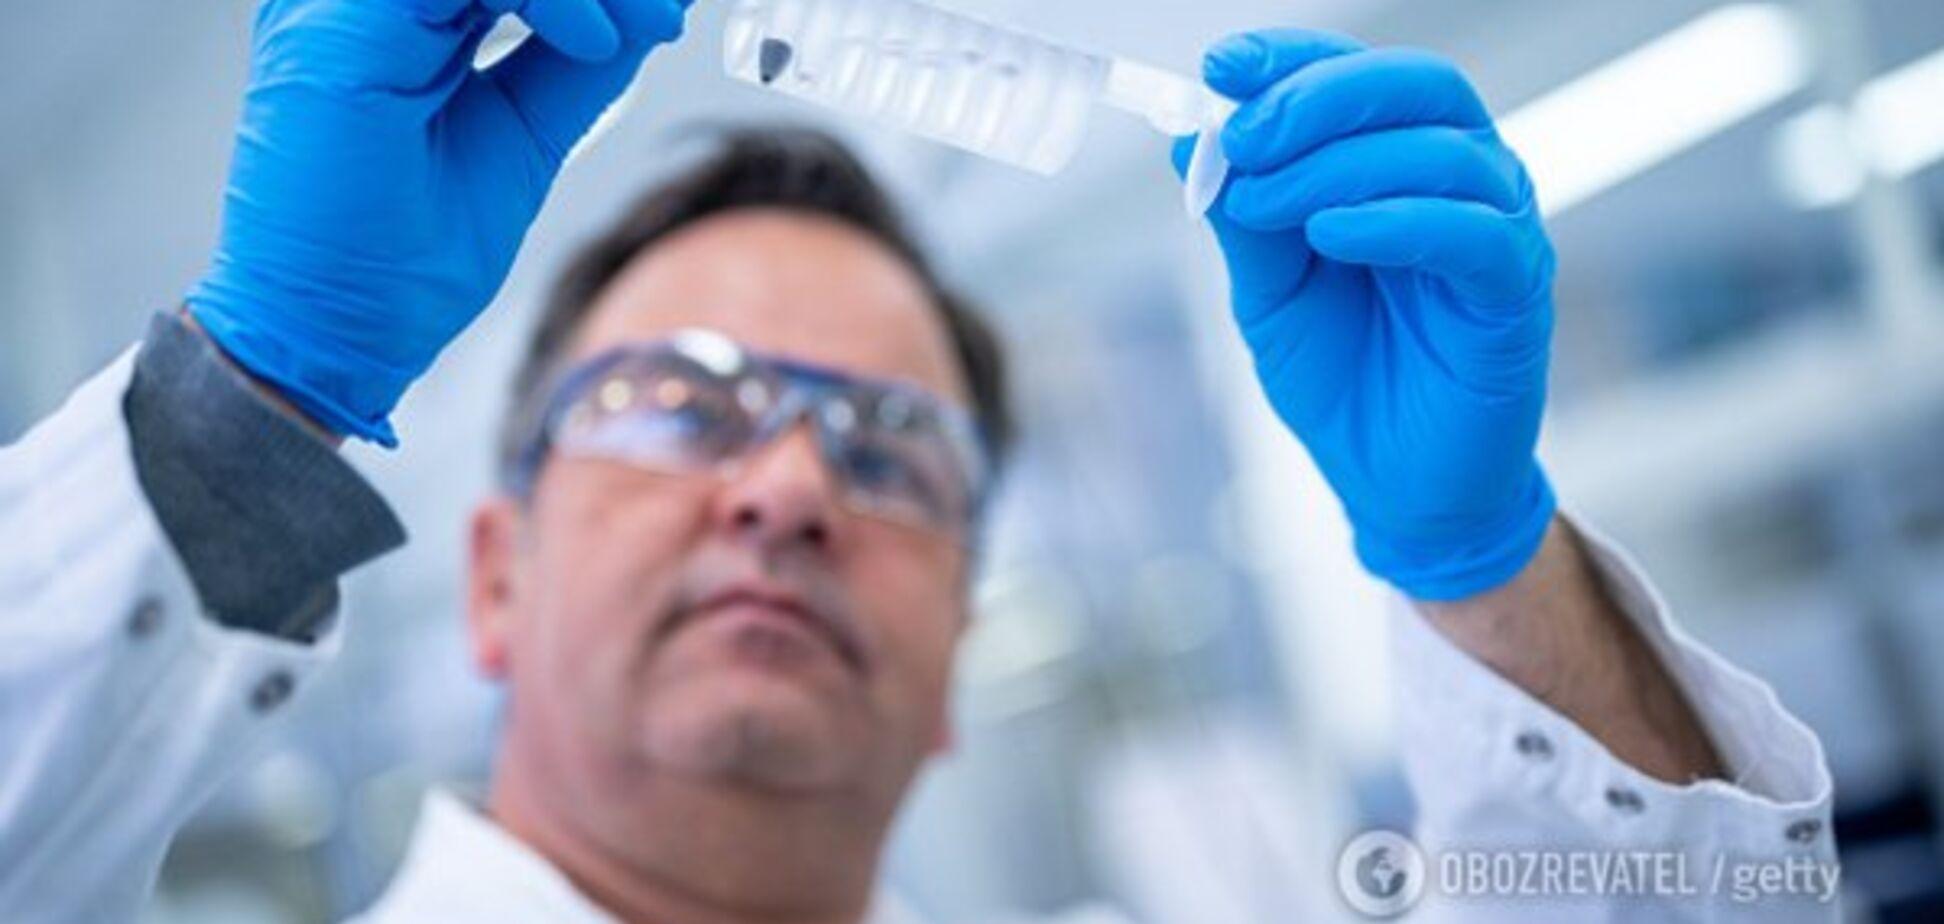 Щеплення БЦЖ від коронавірусу: епідеміологиня пояснила зв'язок